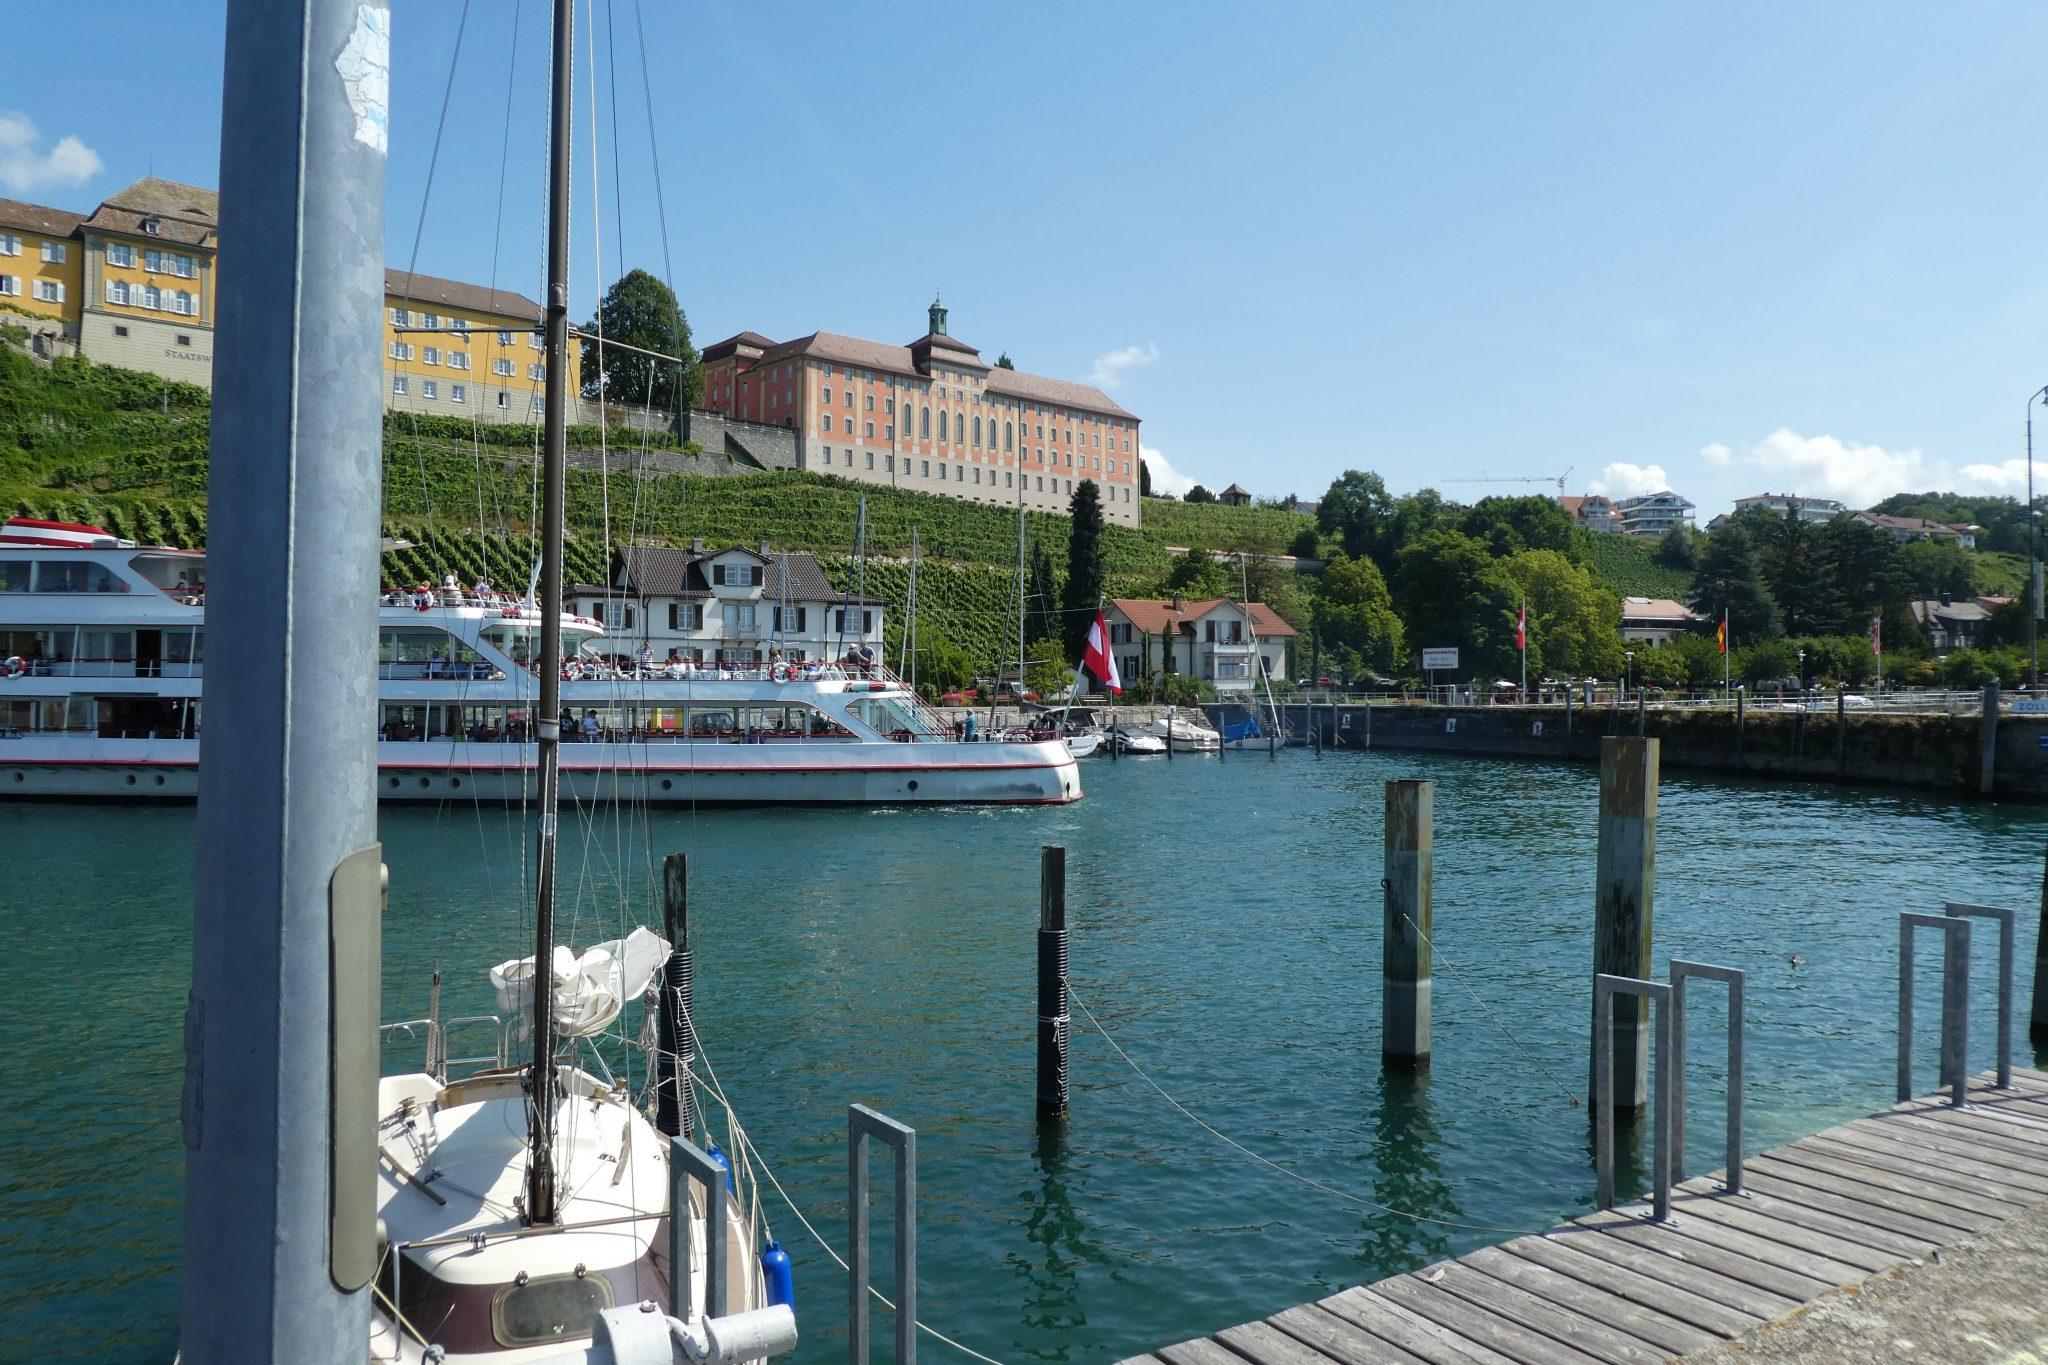 Hafen in Meersburg